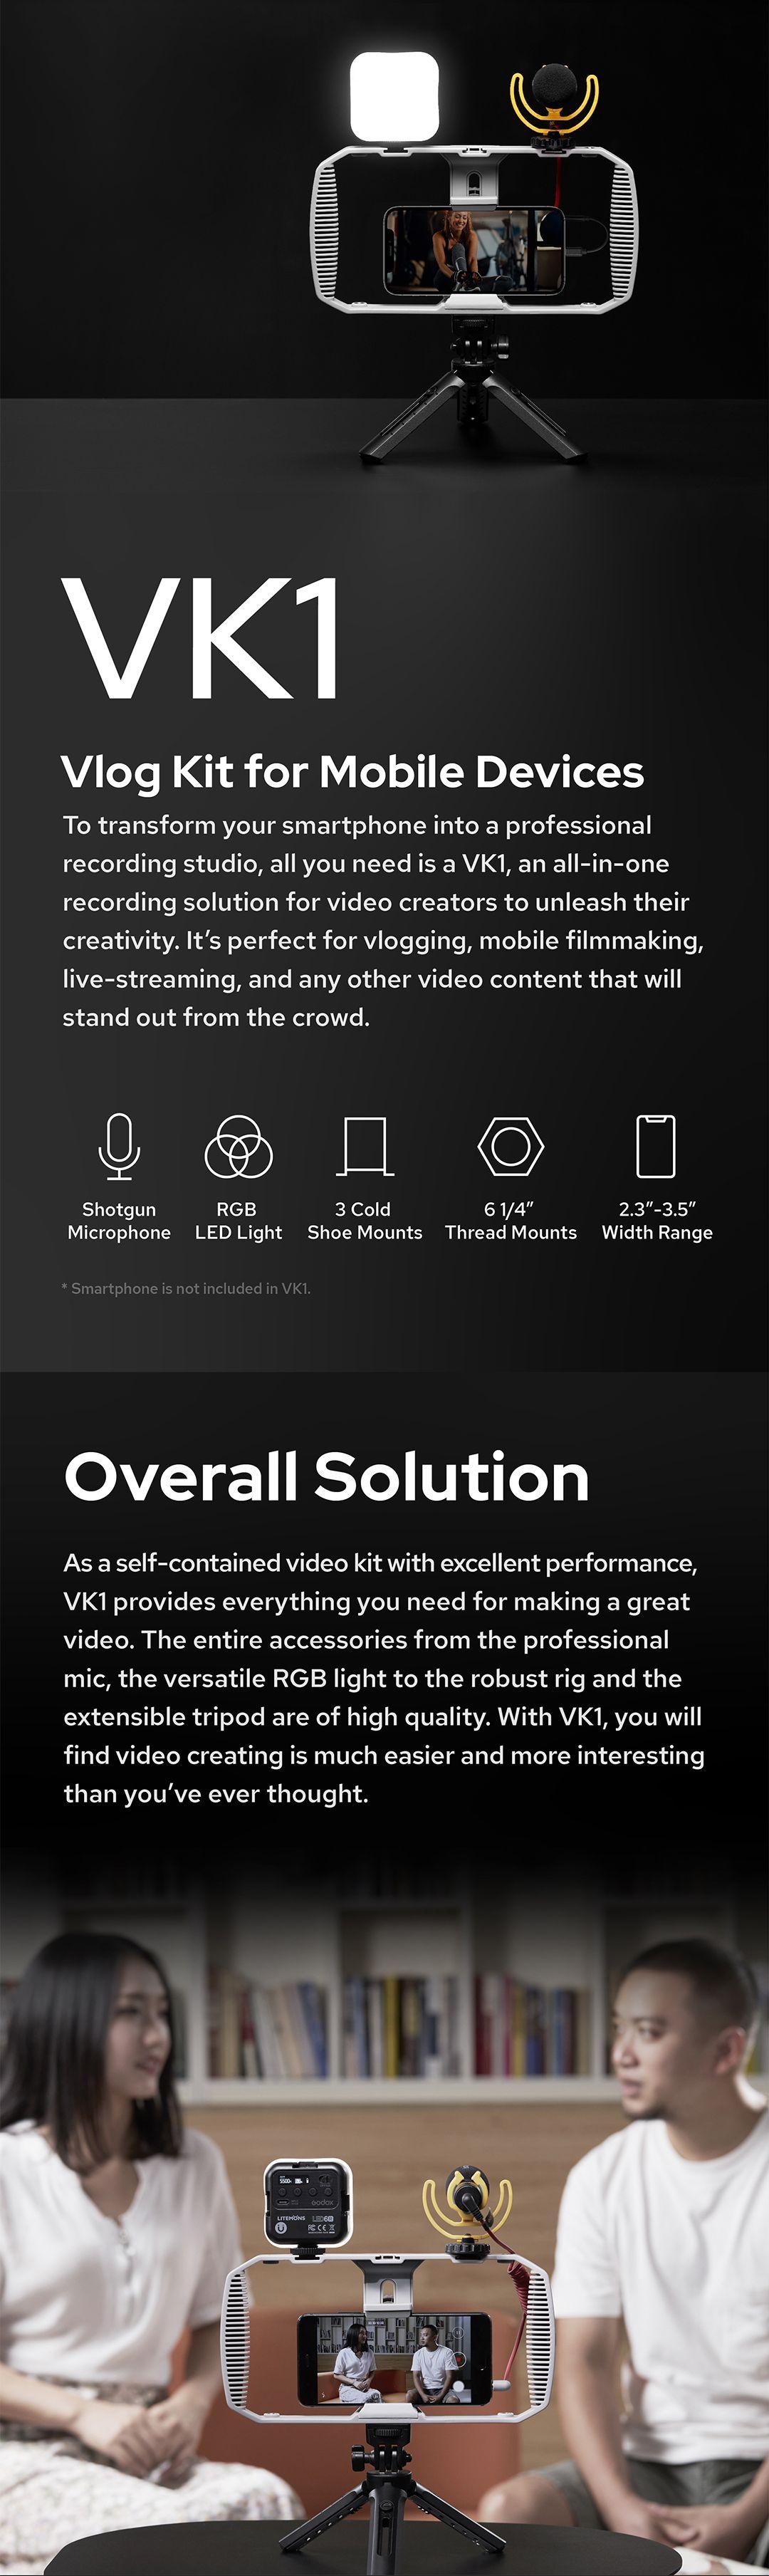 Godox VK1 Vlog Kit for Mobile Devices